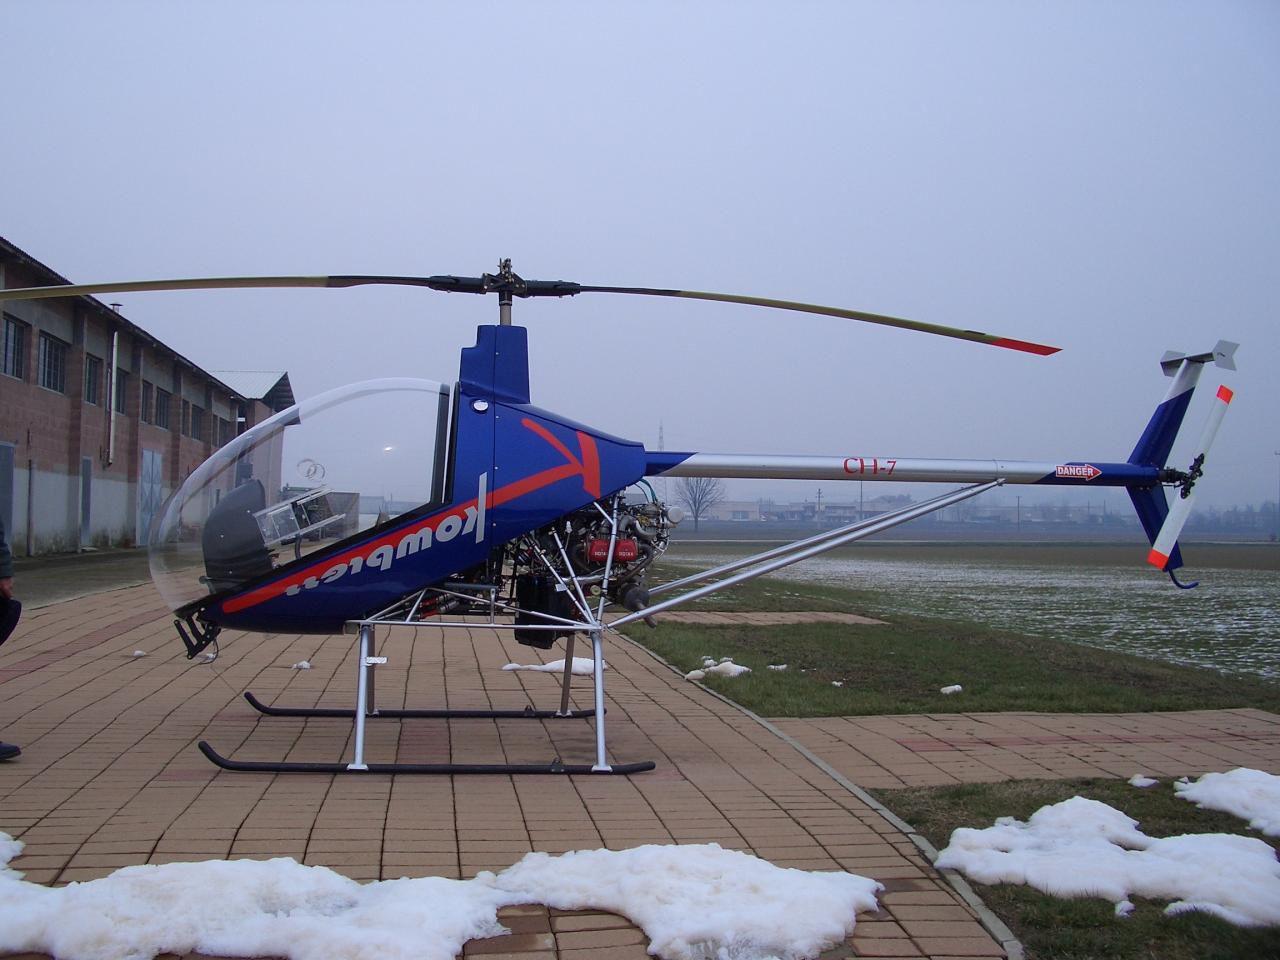 Elicottero Ch : Elicottero ultraleggero multifunzione monoposto con motore a